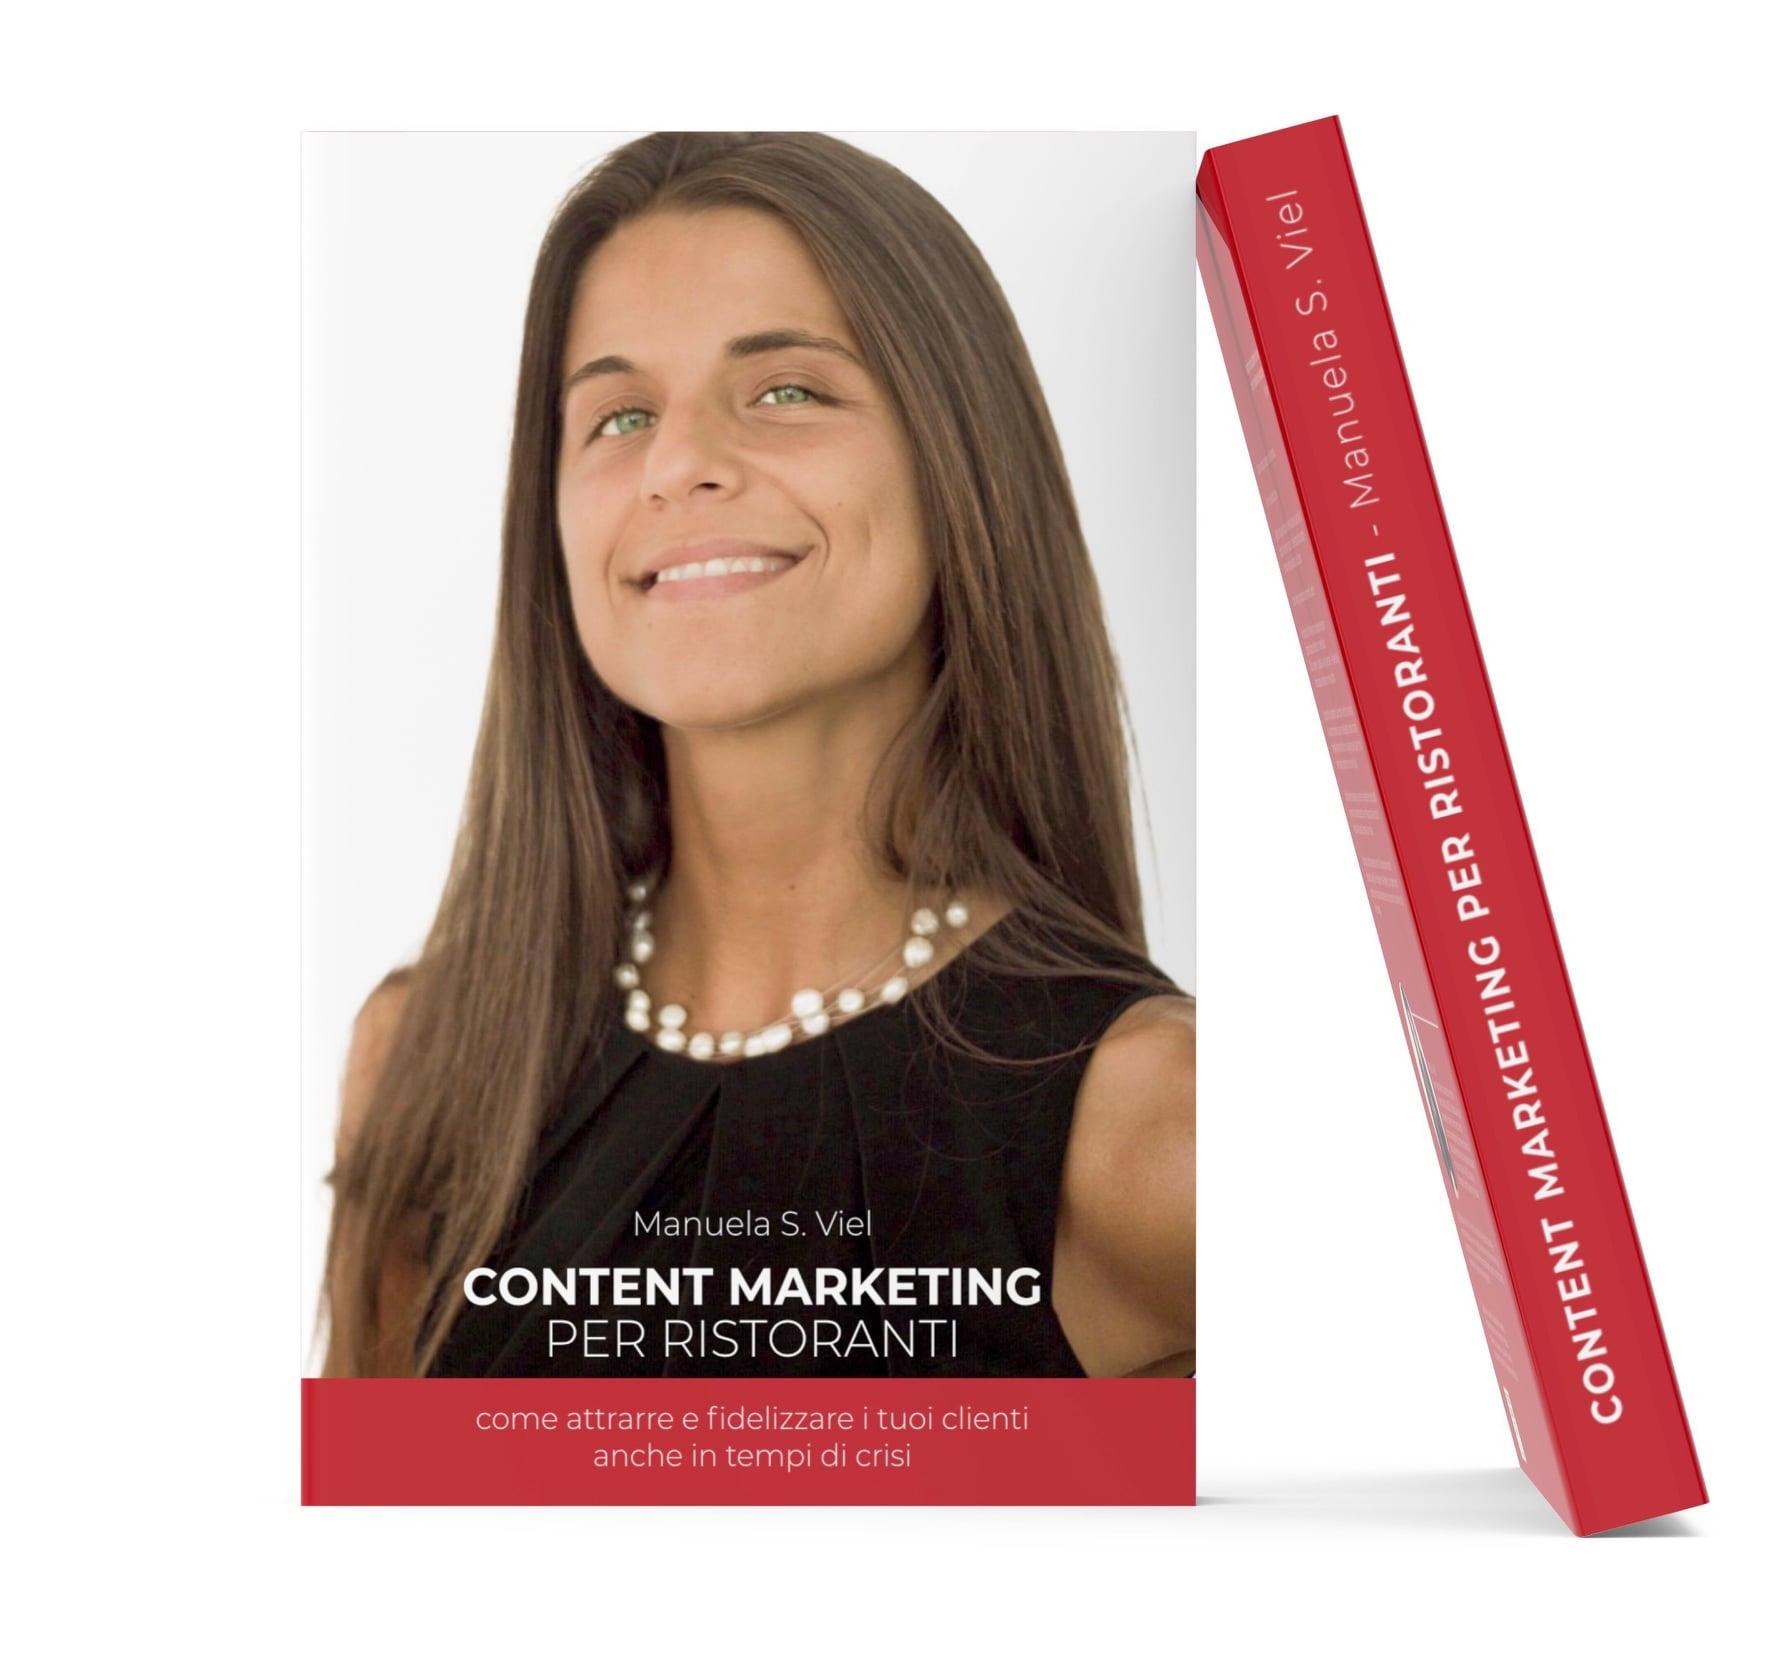 Il mio nuovo libro Content Marketing per Ristoranti - come attrarre e fidelizzare clienti anche in tempi di crisi